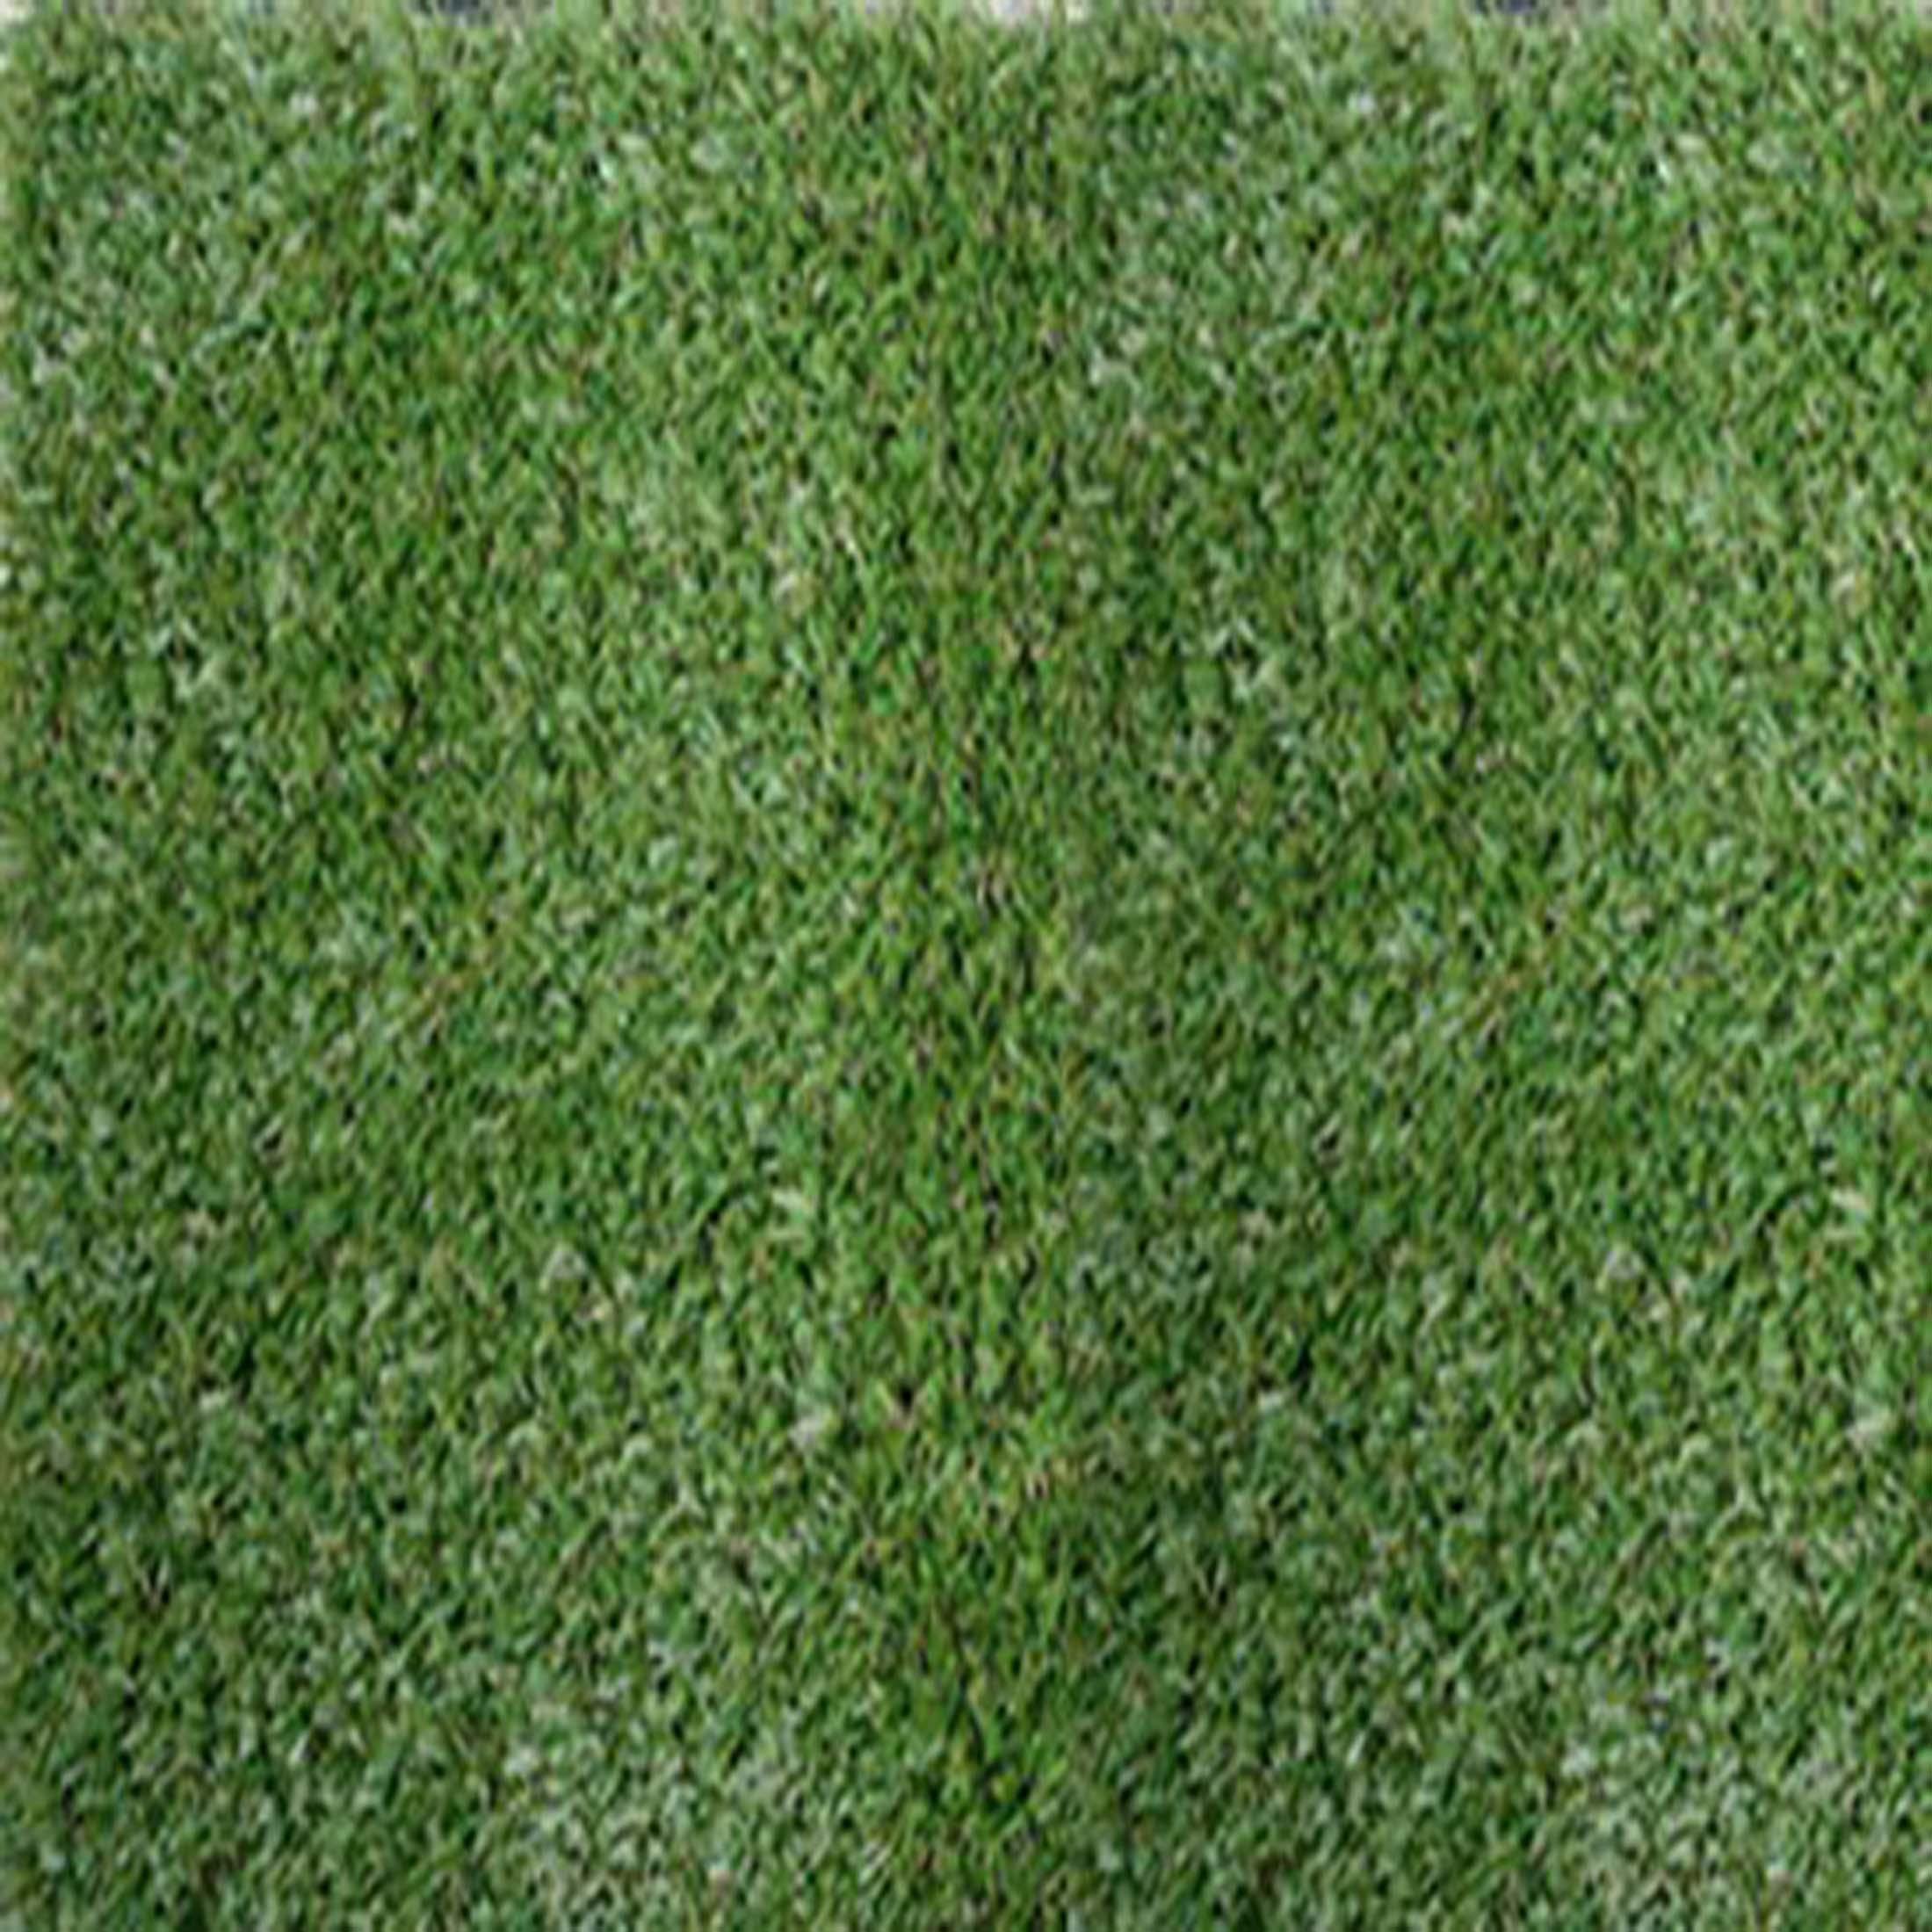 Smart-grass_500_50GIE